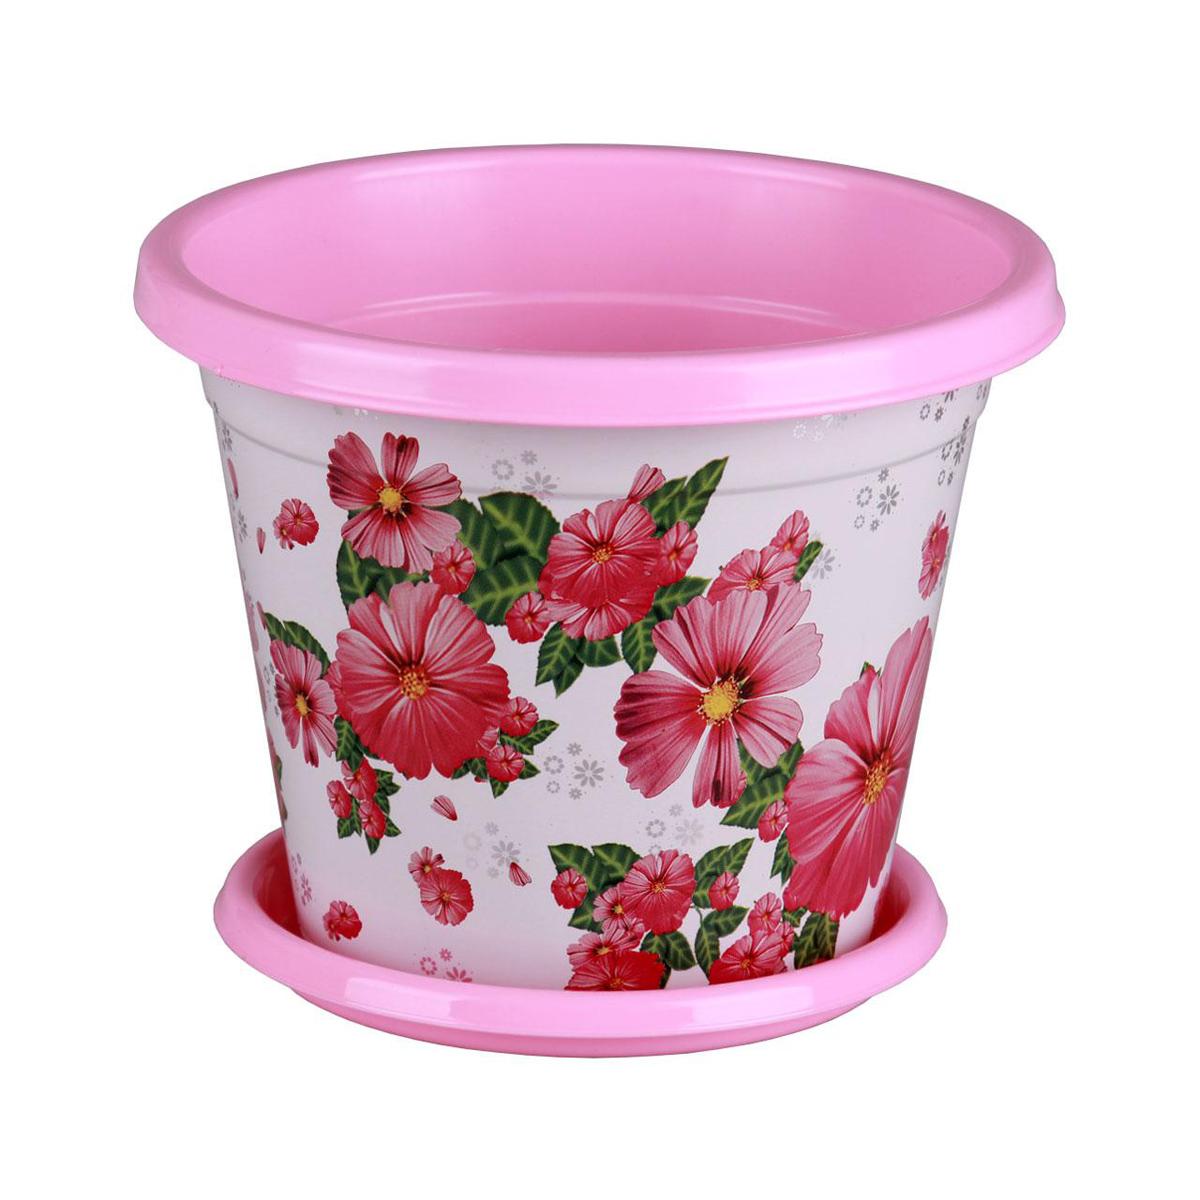 Горшок-кашпо Альтернатива Космея, с поддоном, цвет: розовый, белый, 1 лМ4037Горшок-кашпо Альтернатива Космея изготовлен из высококачественного пластика и подходит для выращивания растений и цветов в домашних условиях. Такие изделия часто становятся последним штрихом, который совершенно изменяет интерьер помещения или ландшафтный дизайн сада. Благодаря такому горшку-кашпо вы сможете украсить вашу комнату, офис, сад и другие места. Изделие оснащено специальным поддоном и декорировано ярким изображением цветов. Объем горшка: 1 л. Диаметр горшка (по верхнему краю): 15 см. Высота горшка: 12 см. Диаметр поддона: 12 см.